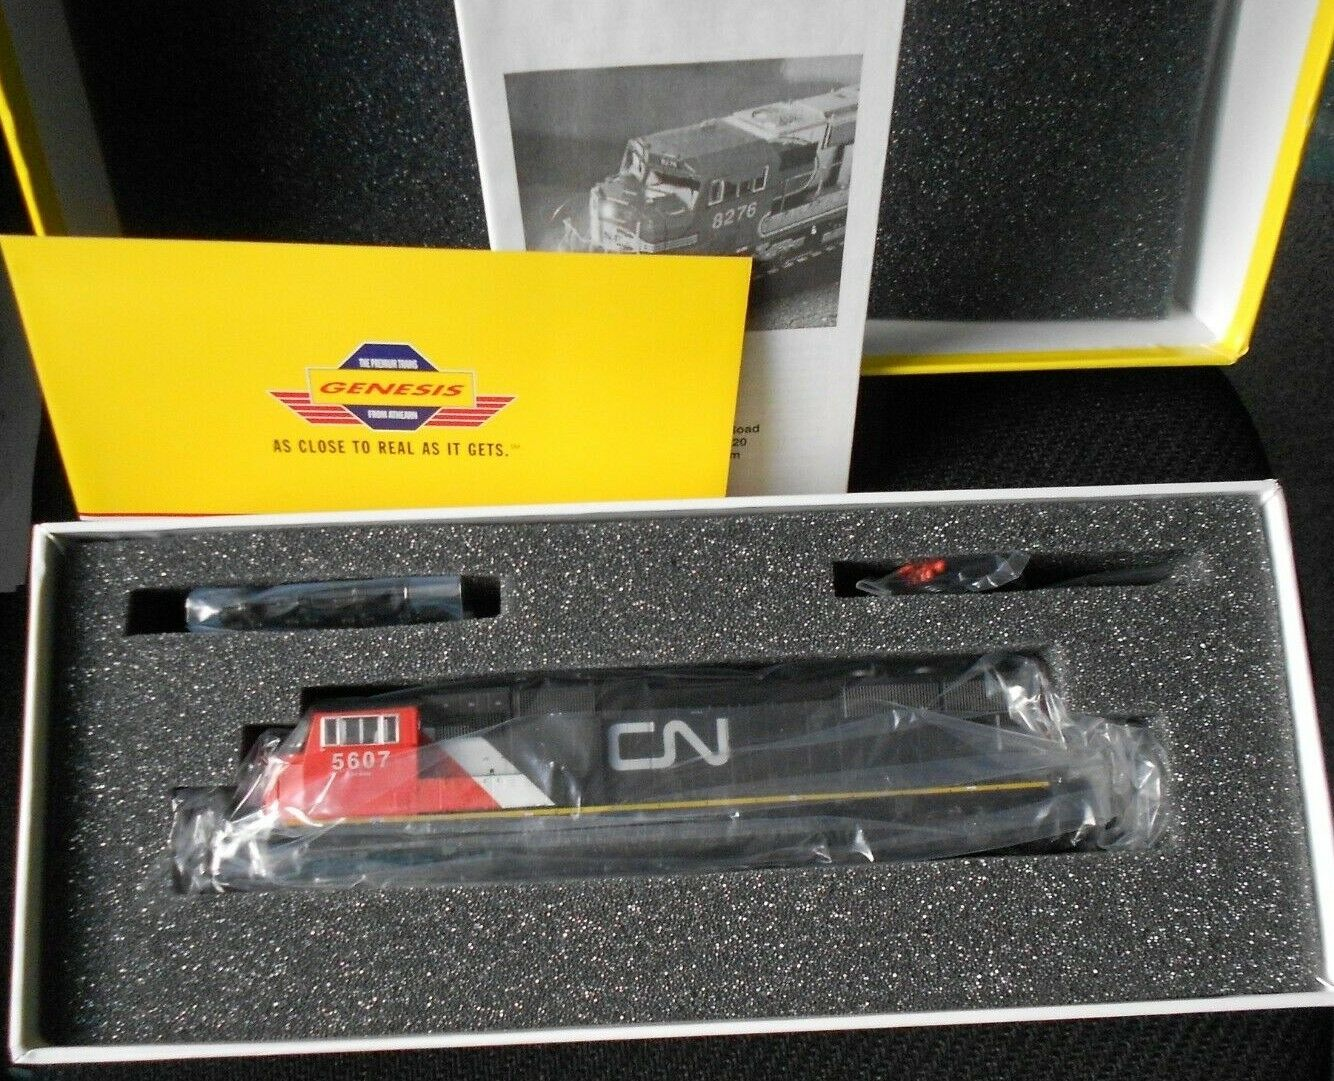 Locomotora SD701 nacional canadiense-Athearn Genesis  G6131 Calibre HO Nuevo En Caja